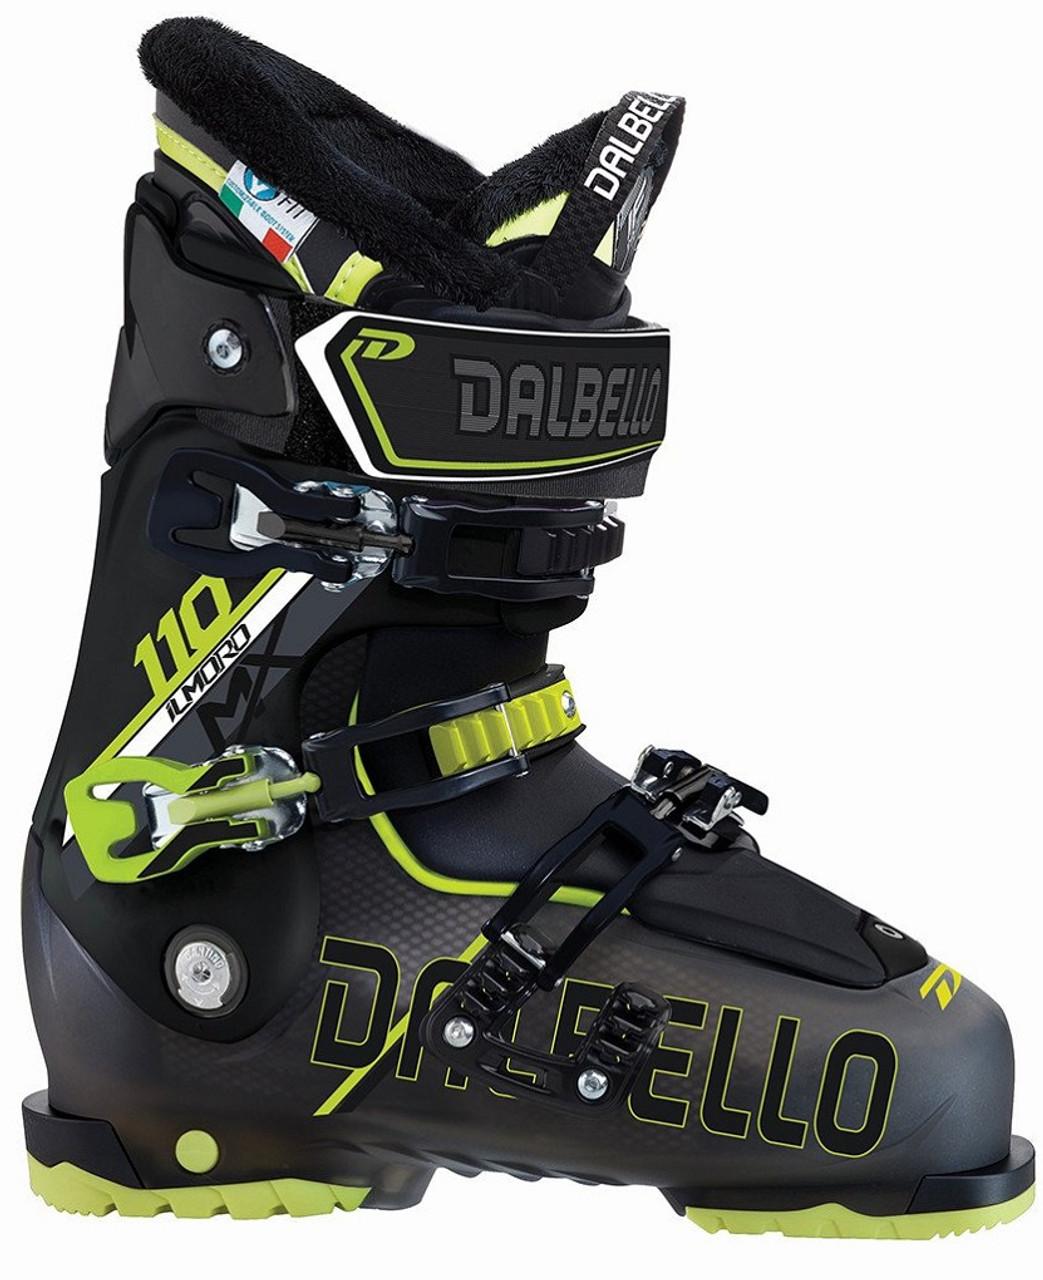 Dalbello Snow Ski Boots | Men's Il Moro MX110 | DMM110M71